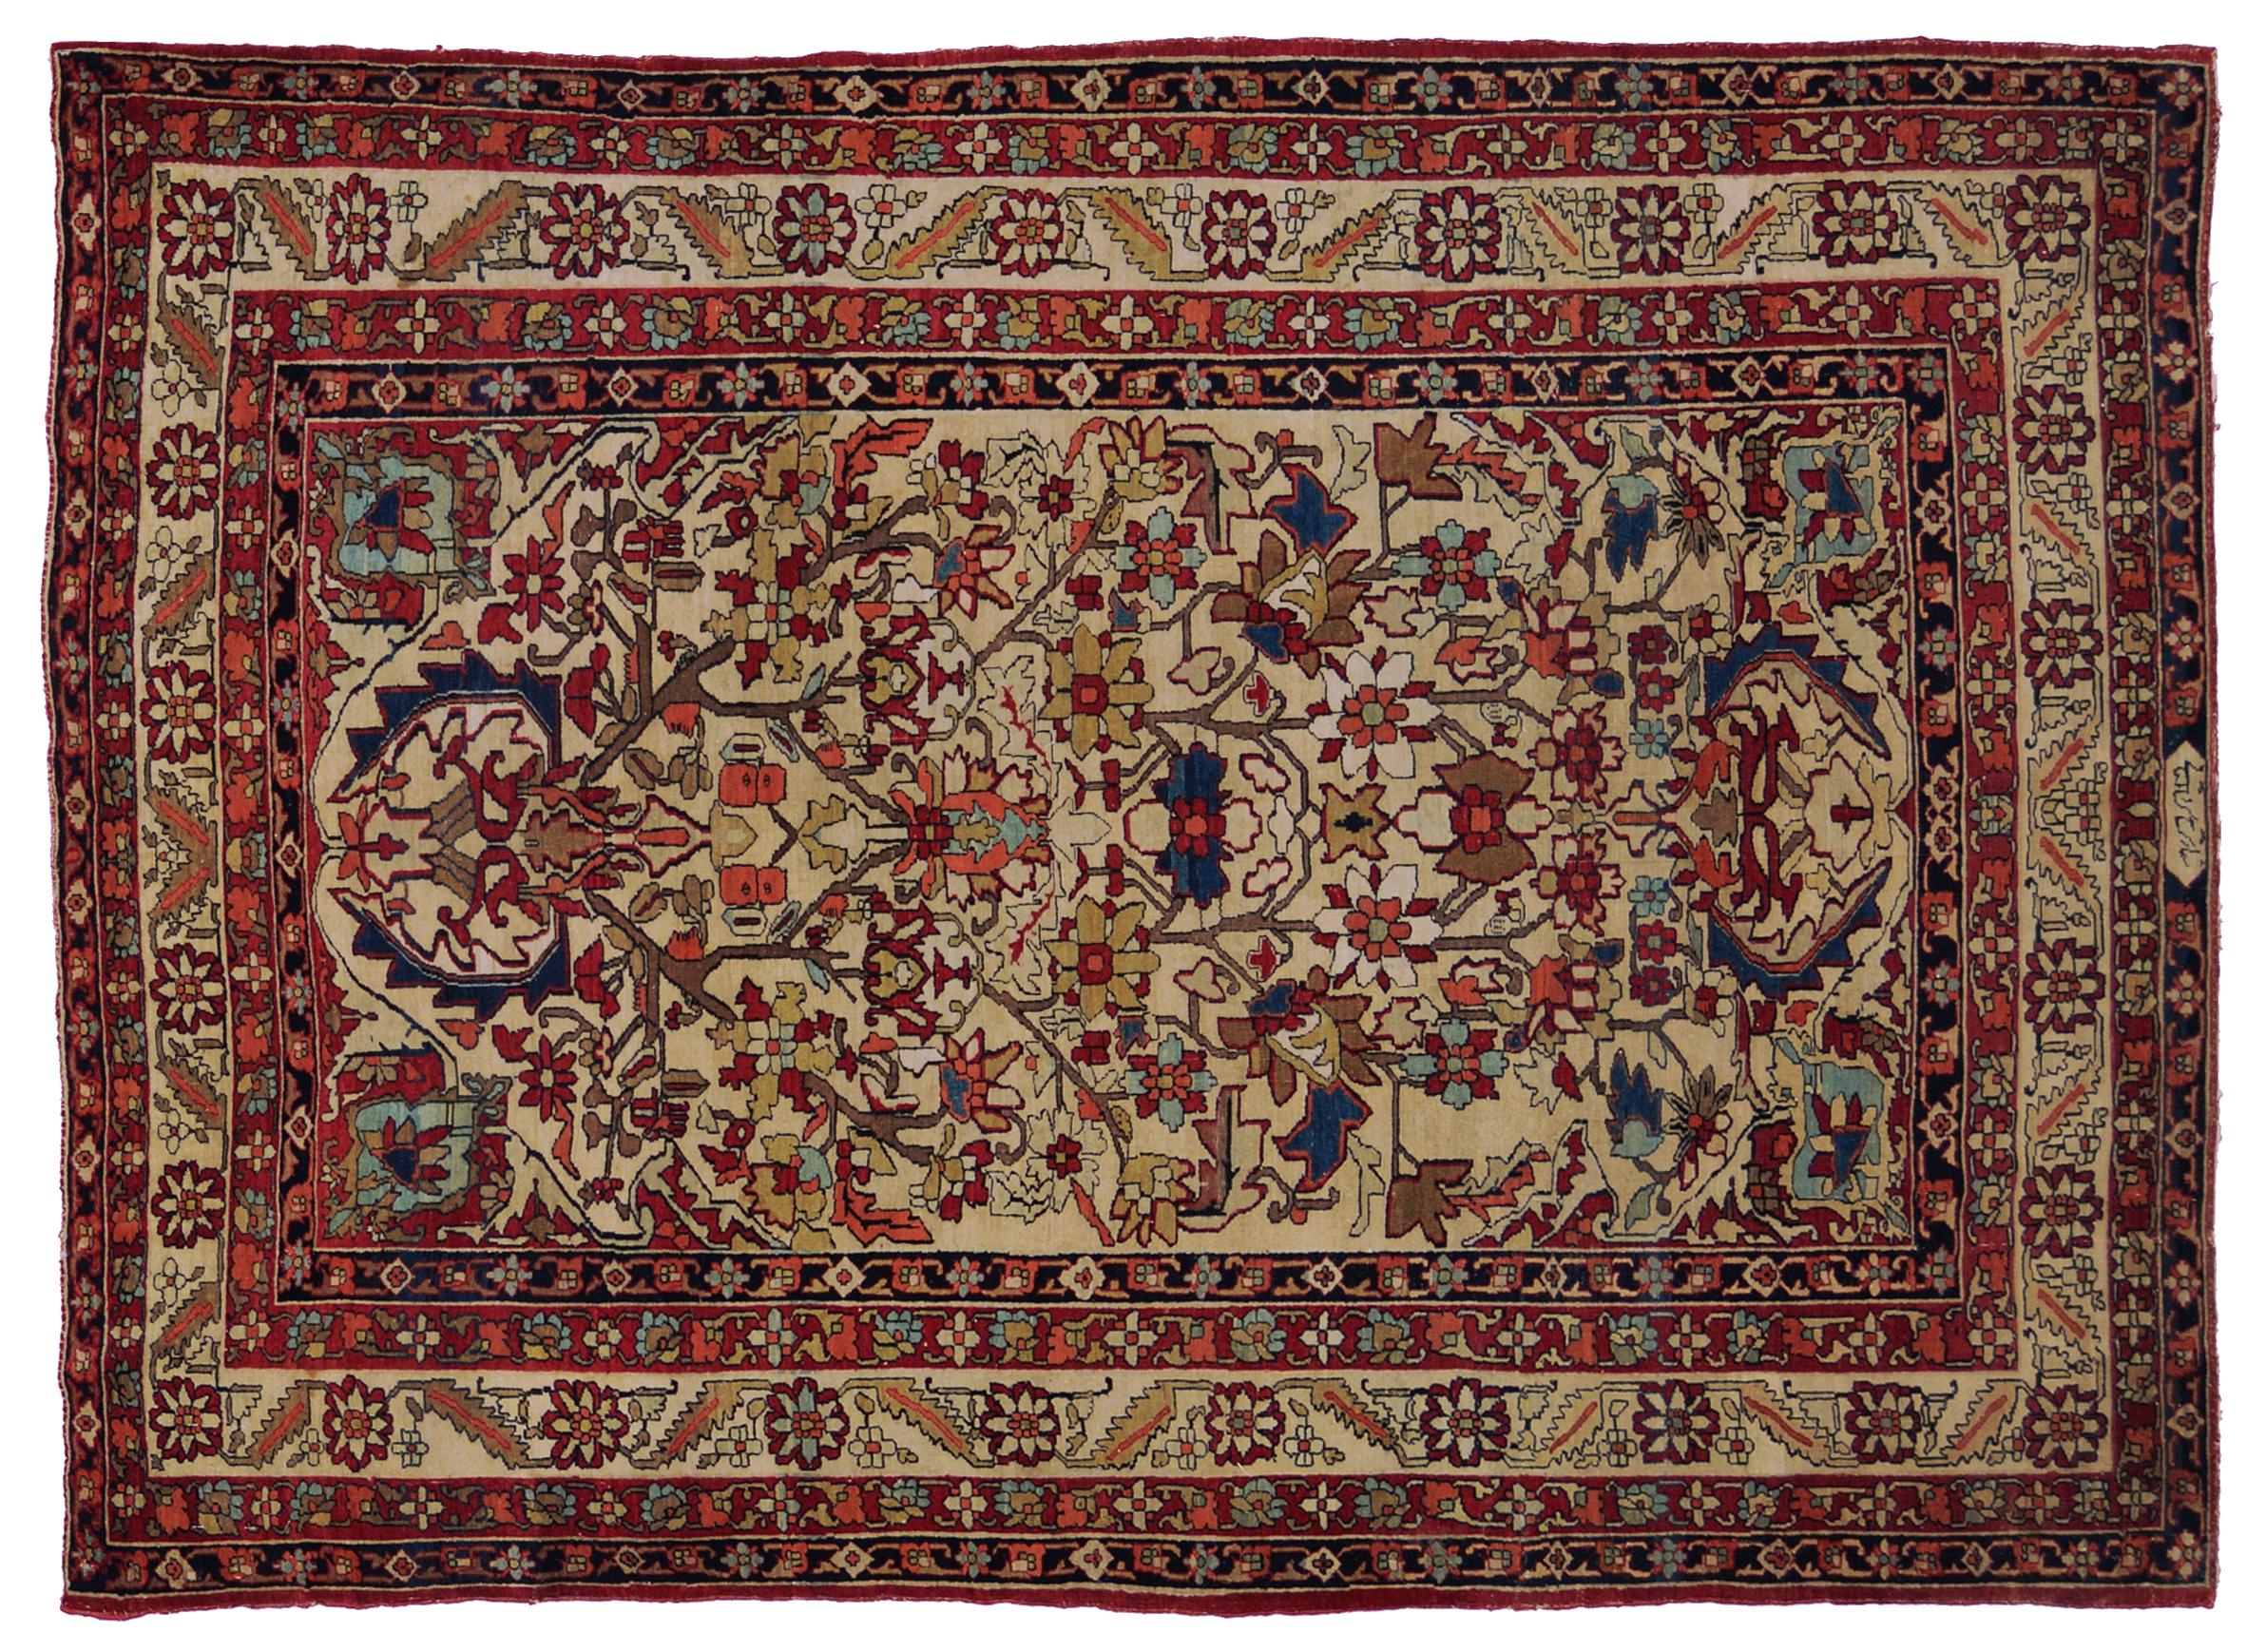 Tappeto raver antico per collezionisti morandi tappeti - Tappeti persiani antichi ...